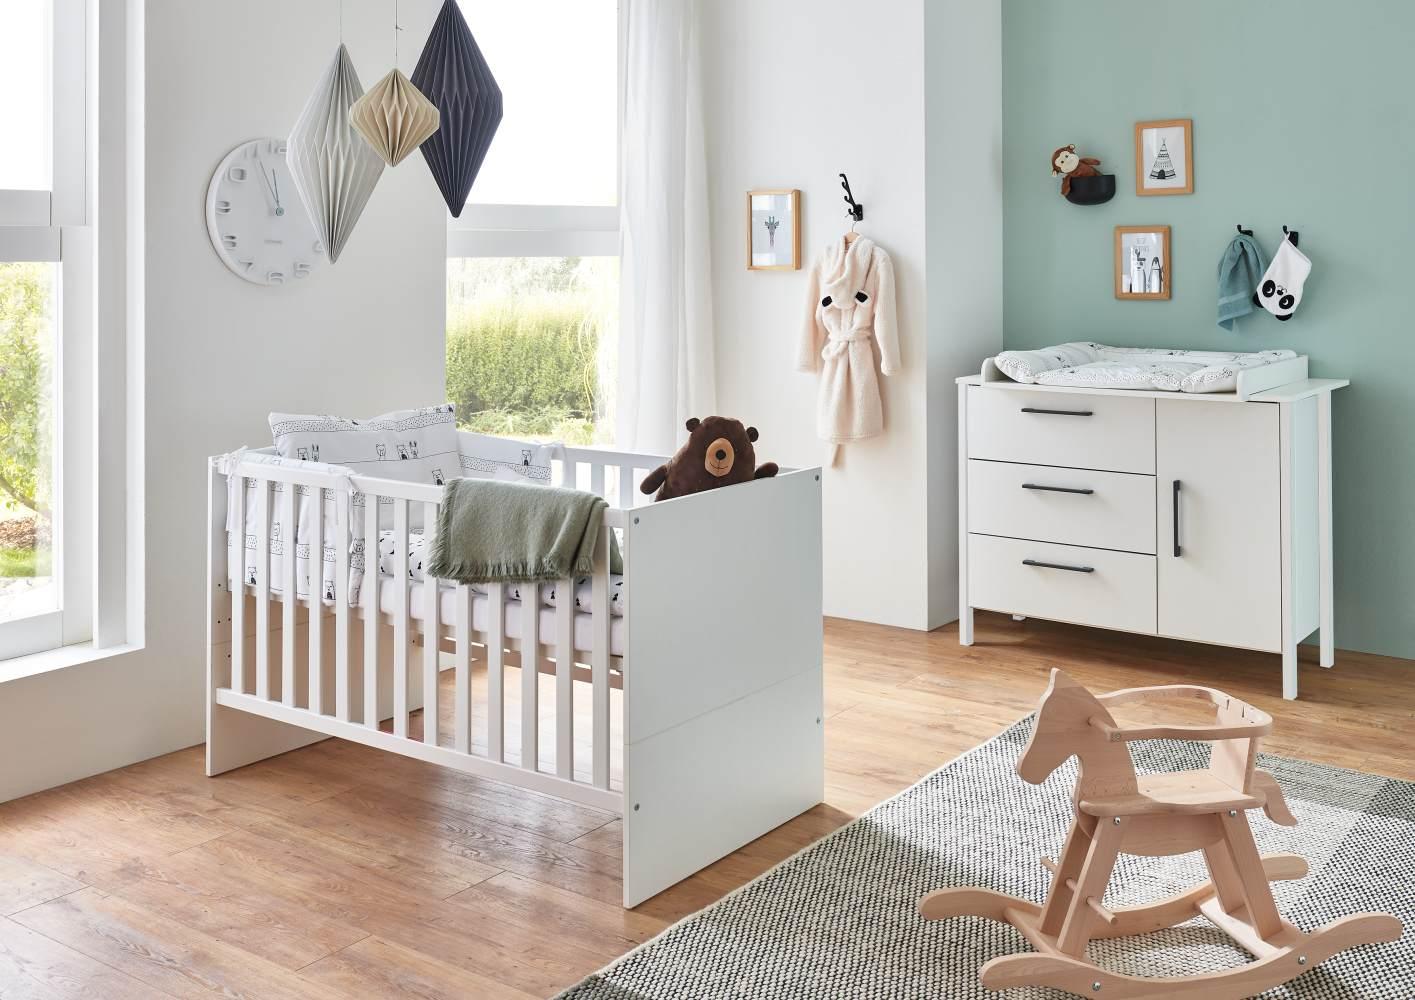 Arthur Berndt 'Kiara' Babyzimmer Sparset 2-teilig, Kinderbett (70 x 140 cm) und Wickelkommode mit Wickelaufsatz Weiß Bild 1